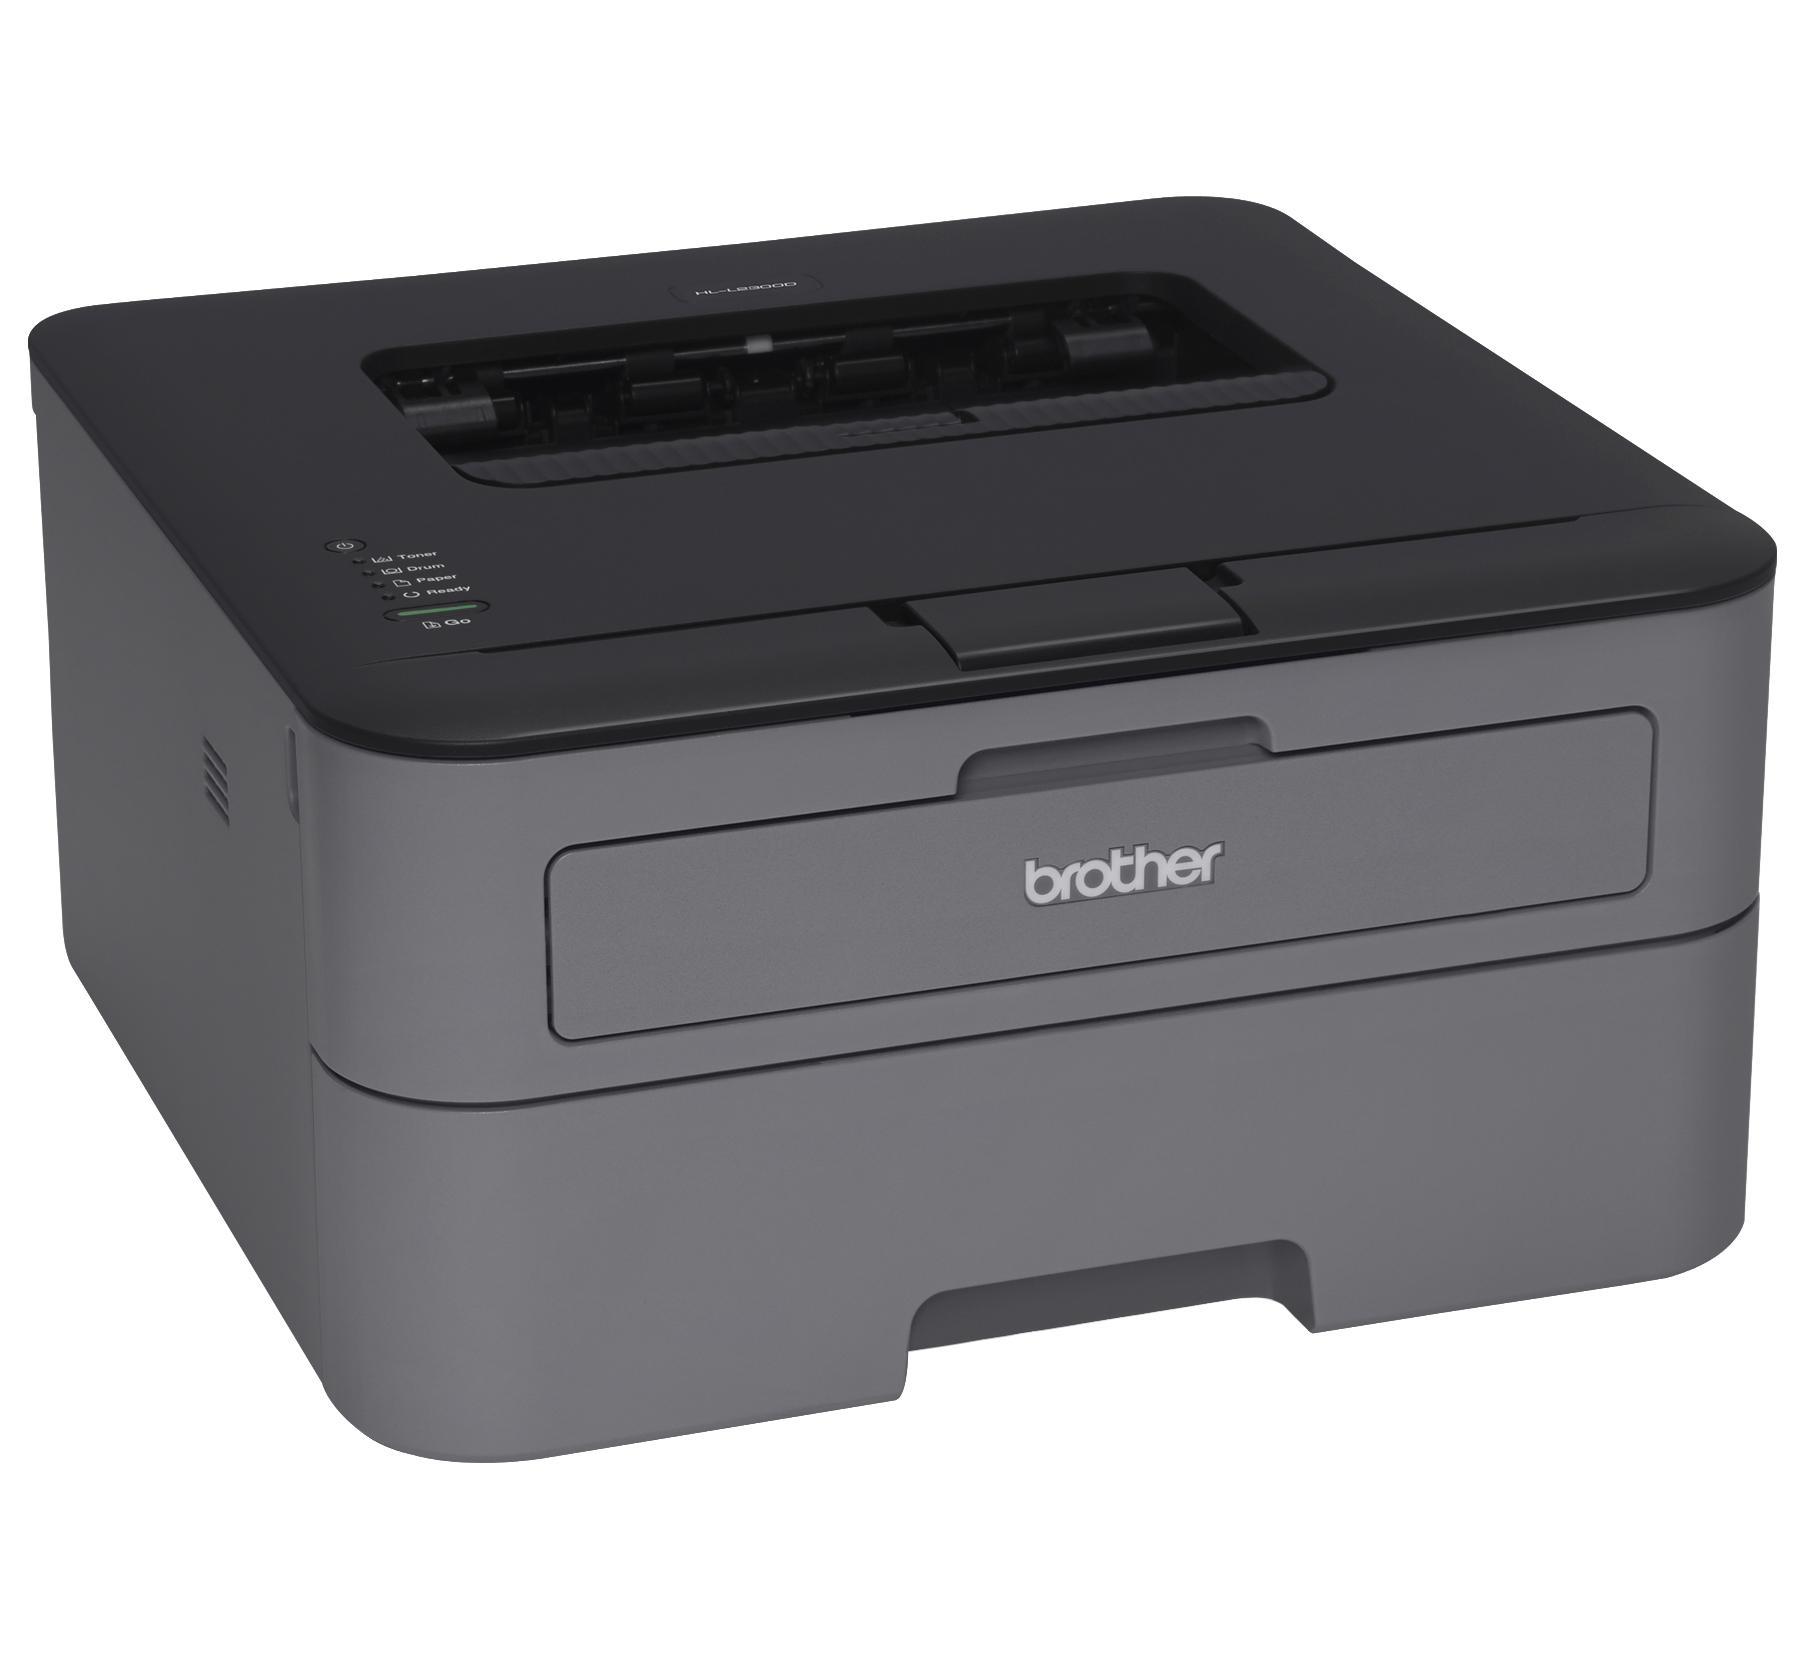 מדפסת לייזר BROTHER HL-L2300D